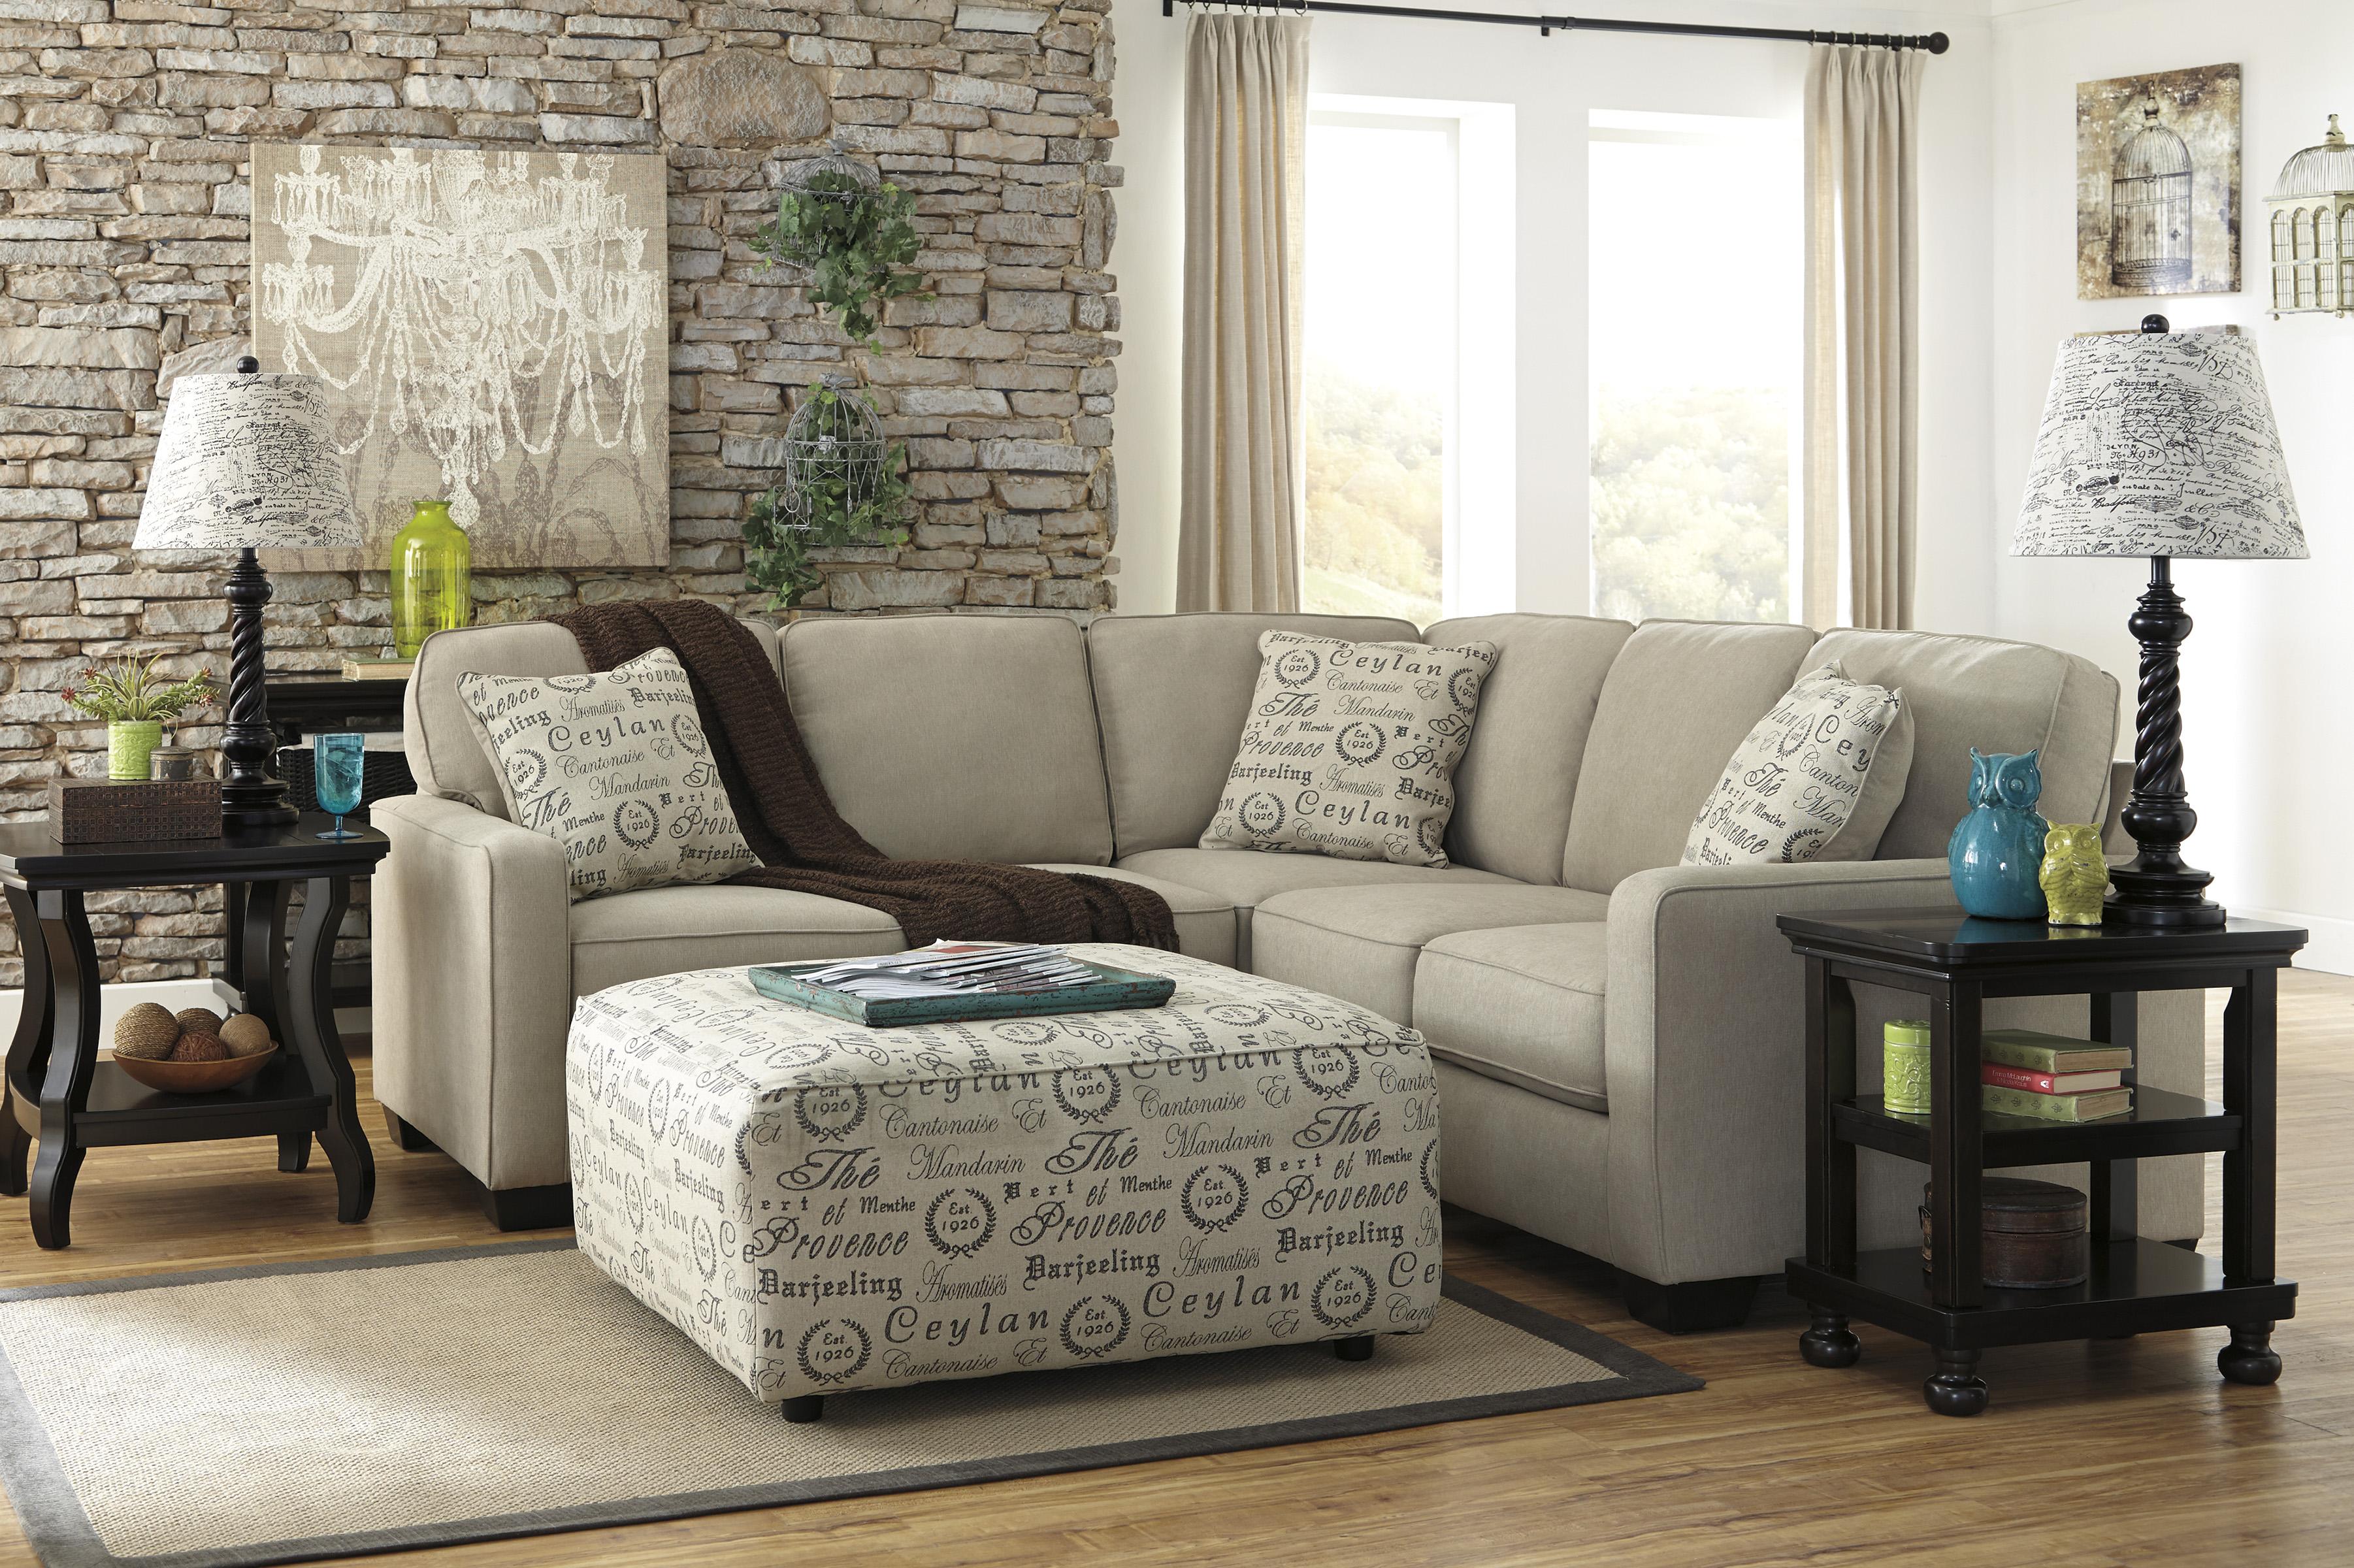 Top Drawer Furniture